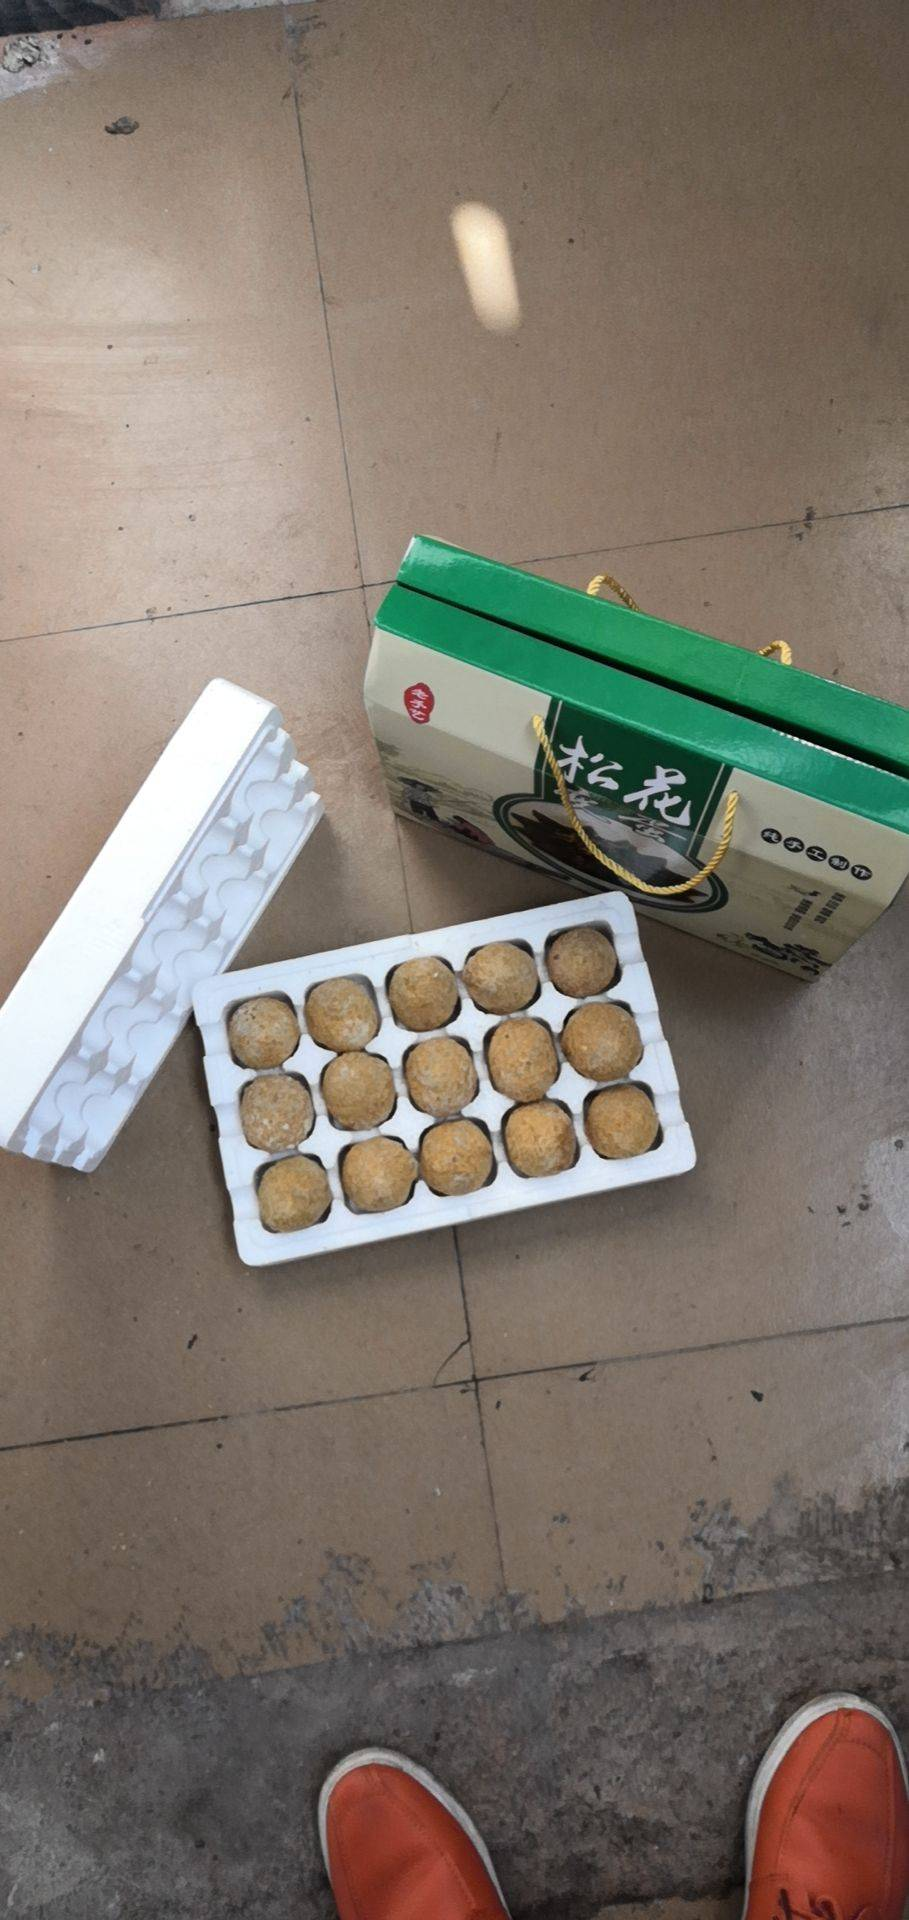 [松花鸡蛋批发]松花鸡蛋价格38元/盒